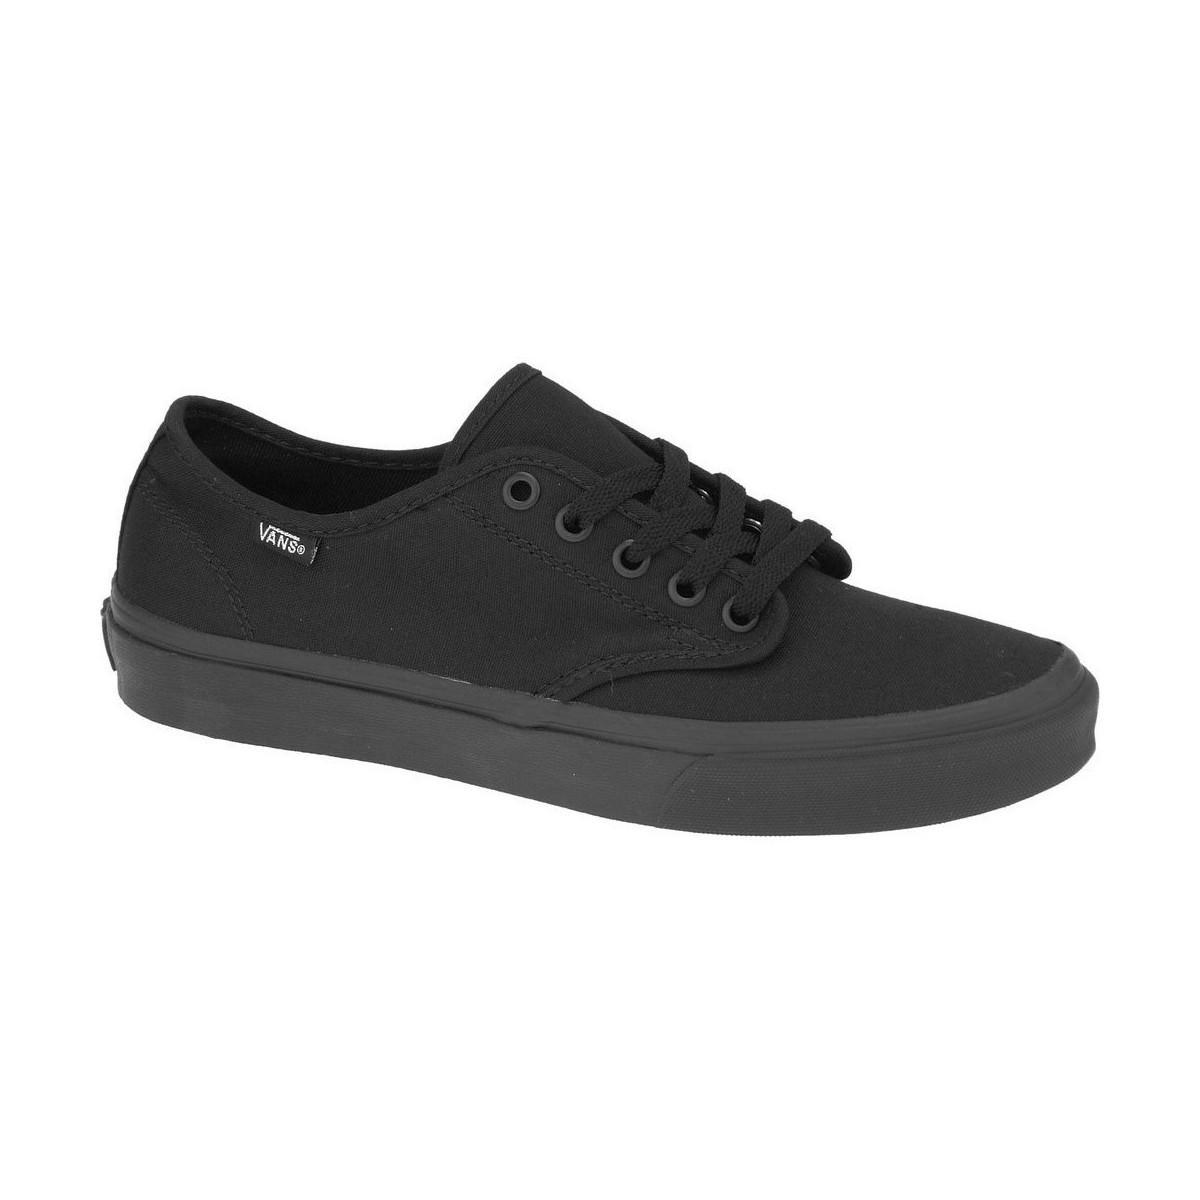 698f3fcd8511 Vans Camden Stripe W Women s Skate Shoes (trainers) In Black in ...